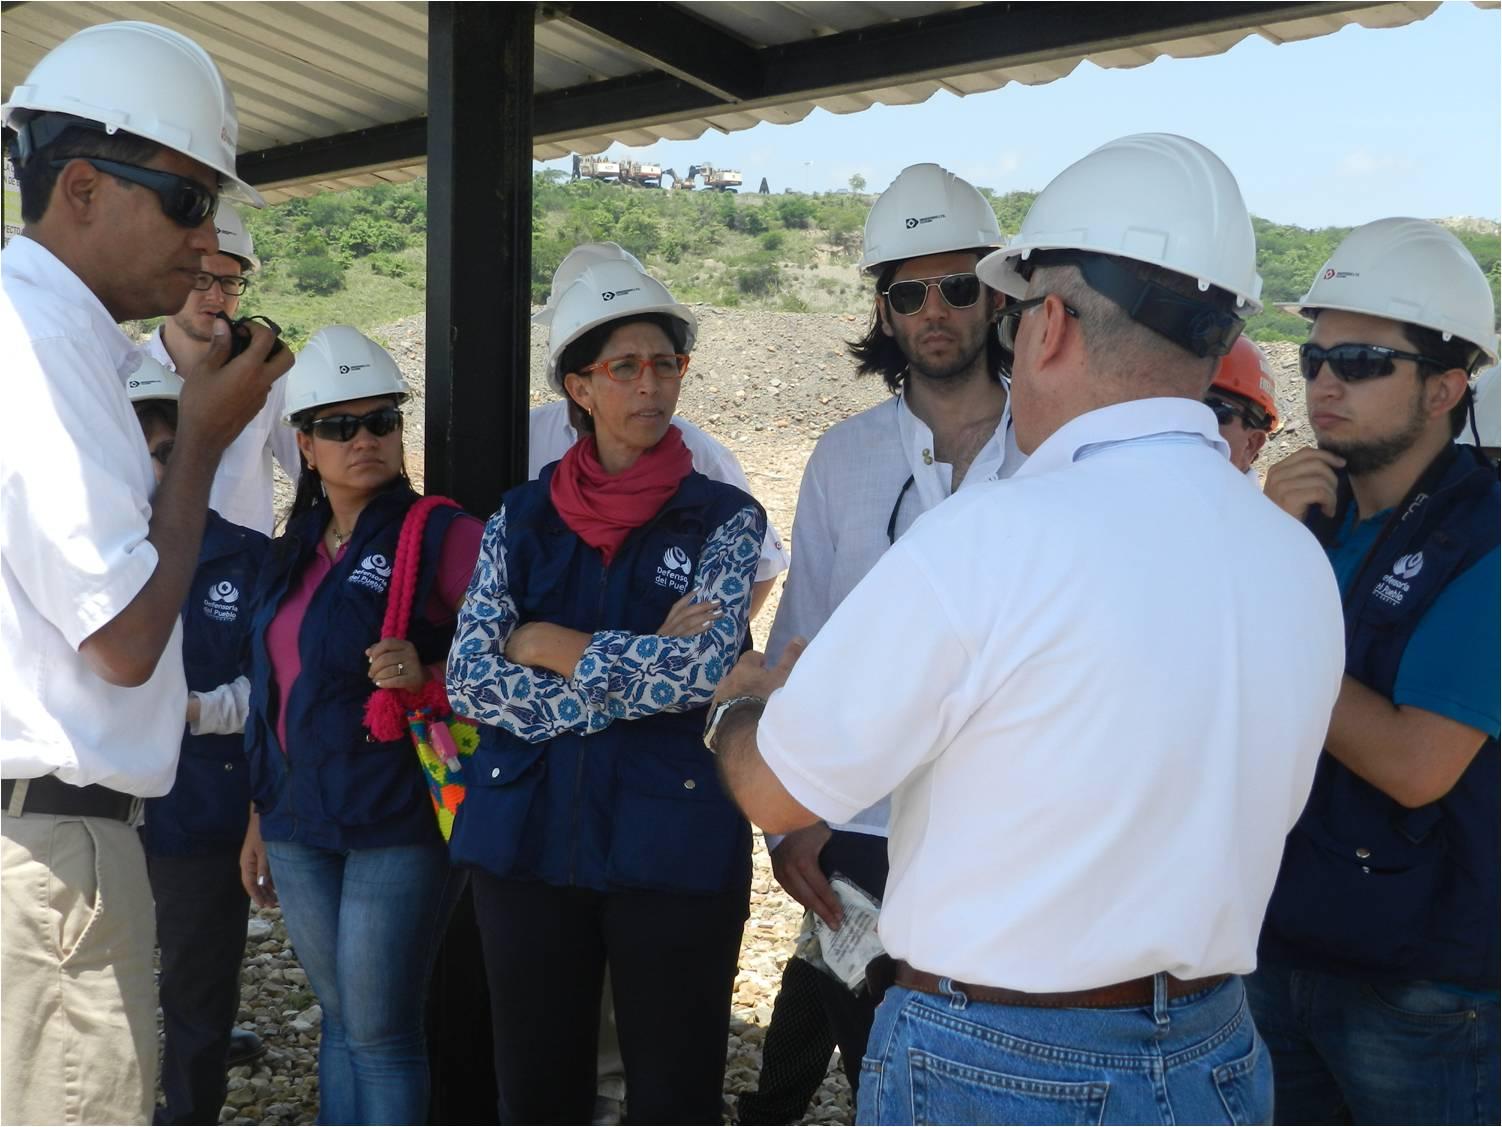 *Delegados de la Defensoría del Pueblo Colombiano recorren el proyecto minero La Loma – Pribbenow – de Drummond Ltd.